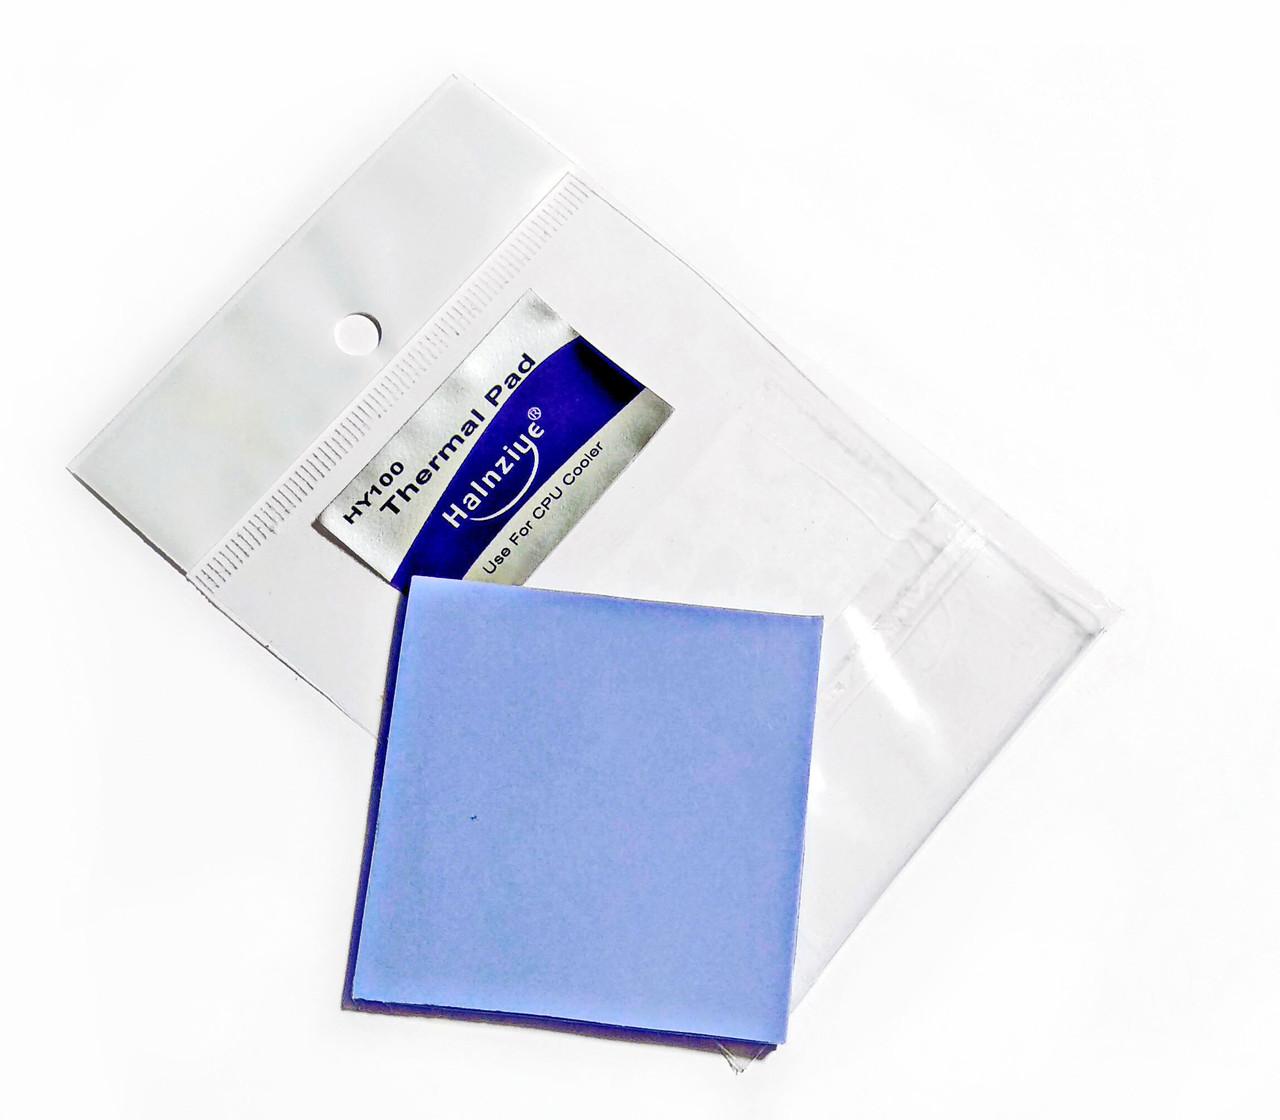 Термопрокладка Halnziye HC14 0.5мм 50х50 синяя 4 Вт/(м*К) термоинтерфейс для ноутбука (TPr-HC14)